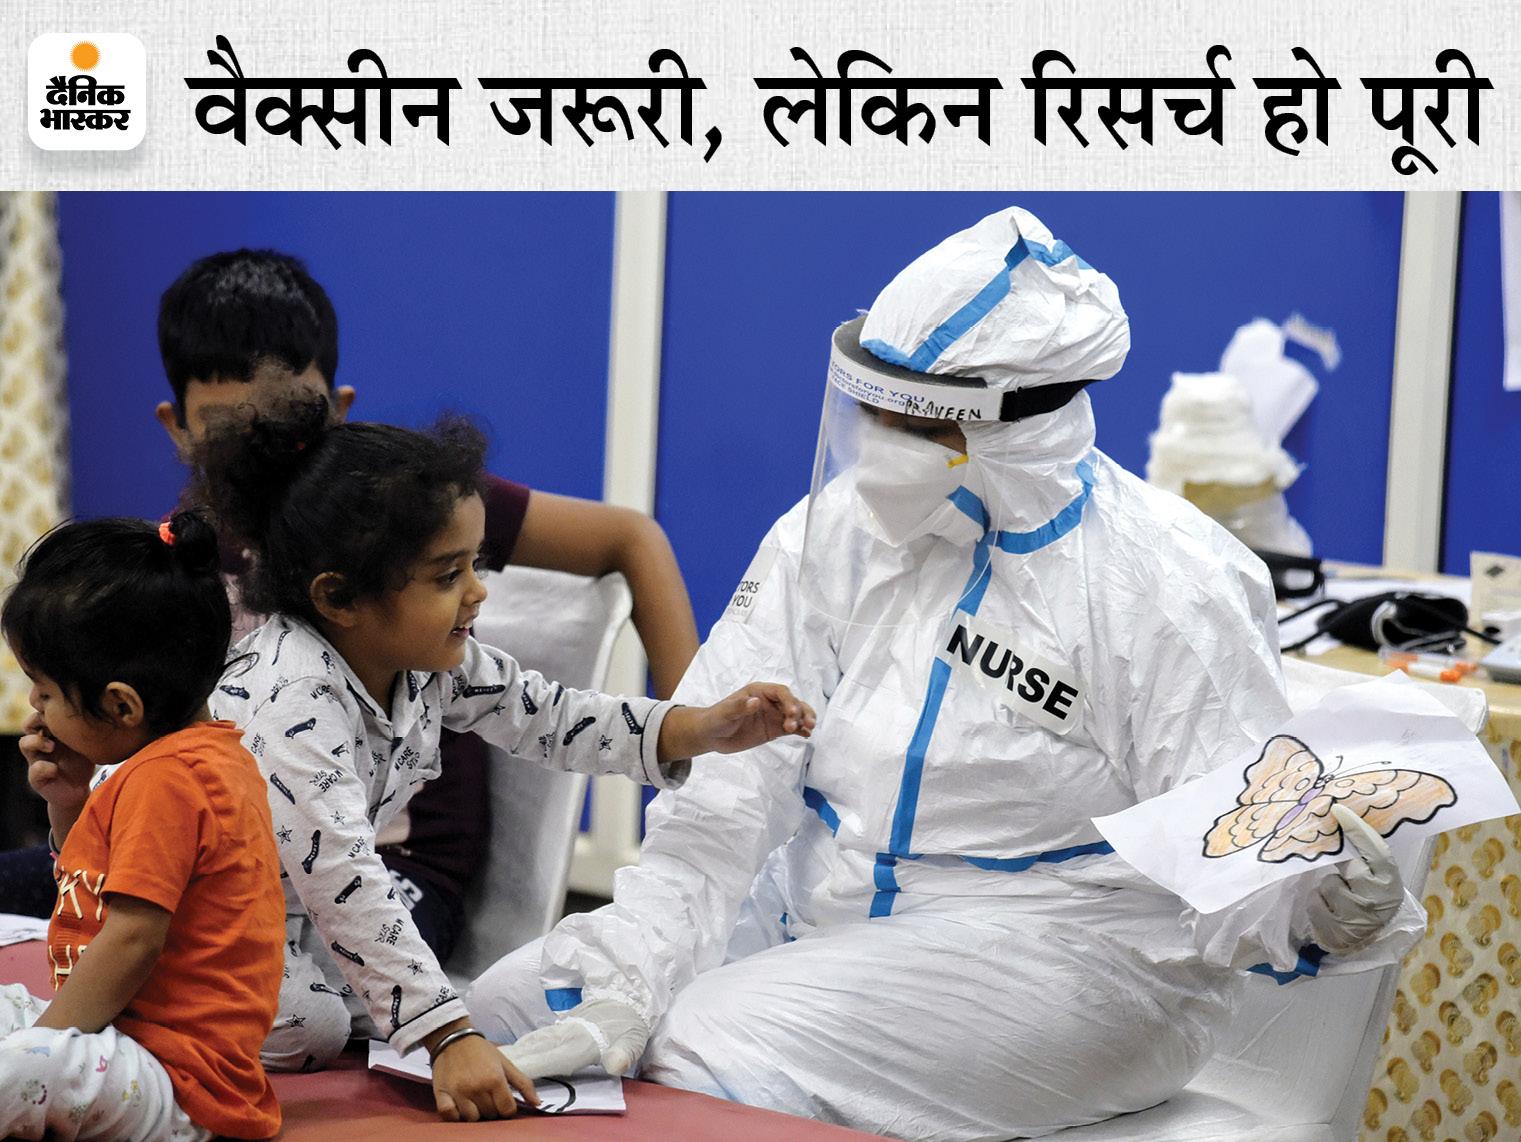 कहा- ठोस रिसर्च किए बगैर बच्चों को कोरोना वैक्सीन लगाई, तो नतीजे खतरनाक हो सकते हैं|देश,National - Dainik Bhaskar